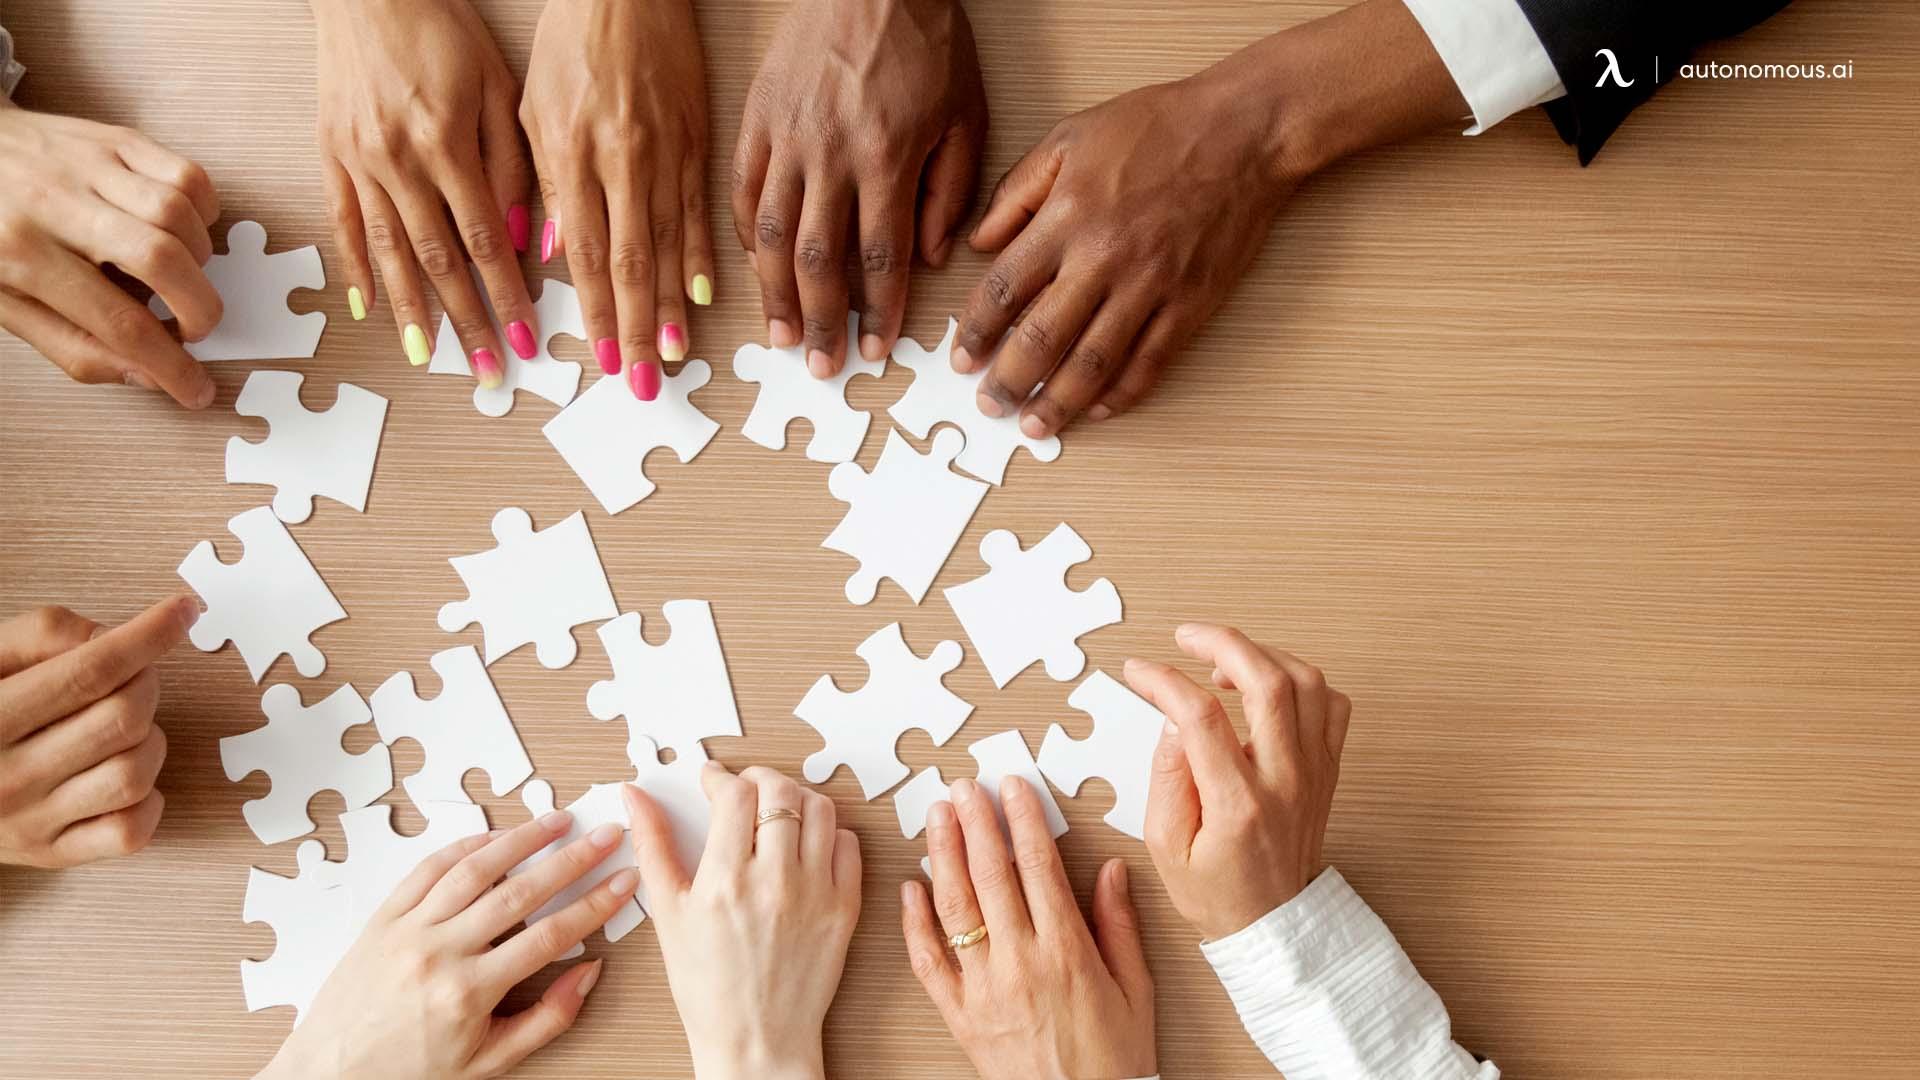 Ingrain Engagement Throughout the Workforce